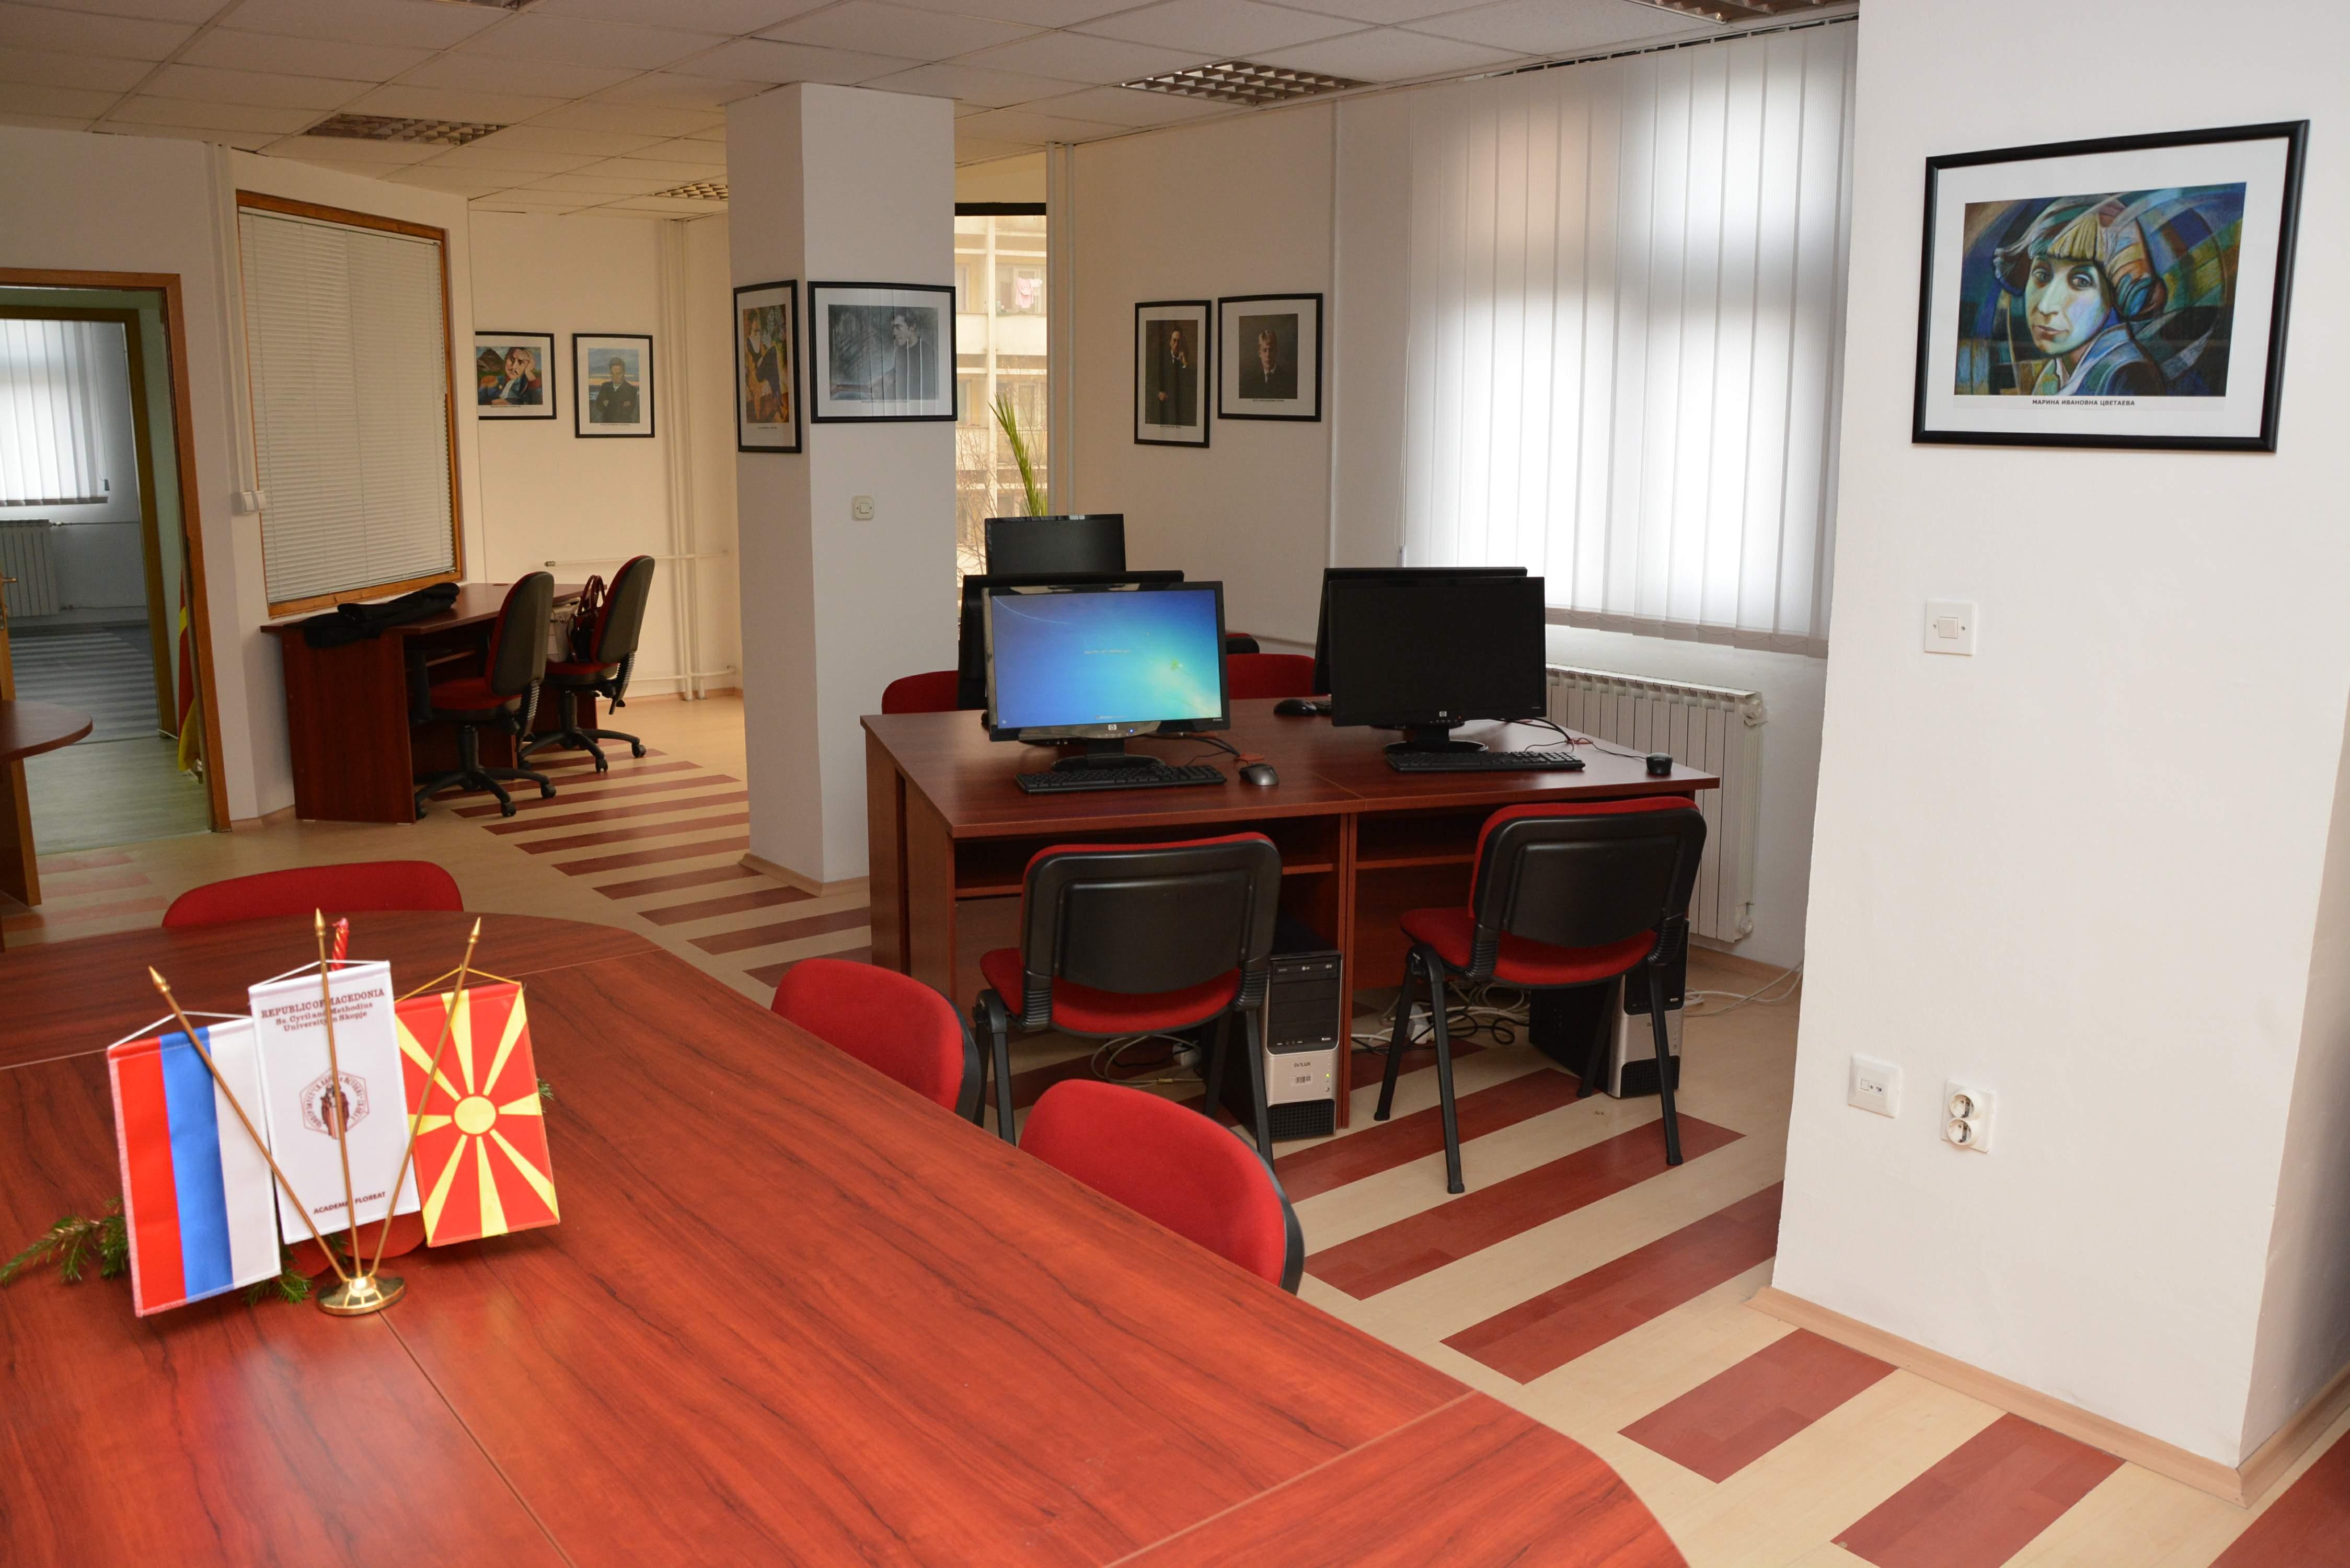 На посетителите на располагање им стои и најсовремена технологија, компјутери и неограничен пристап до Интернет-мрежата. Исто така се планира во рамките на Центарот на редовна основа да се организираат предавања, работилници, проекции, изложби...